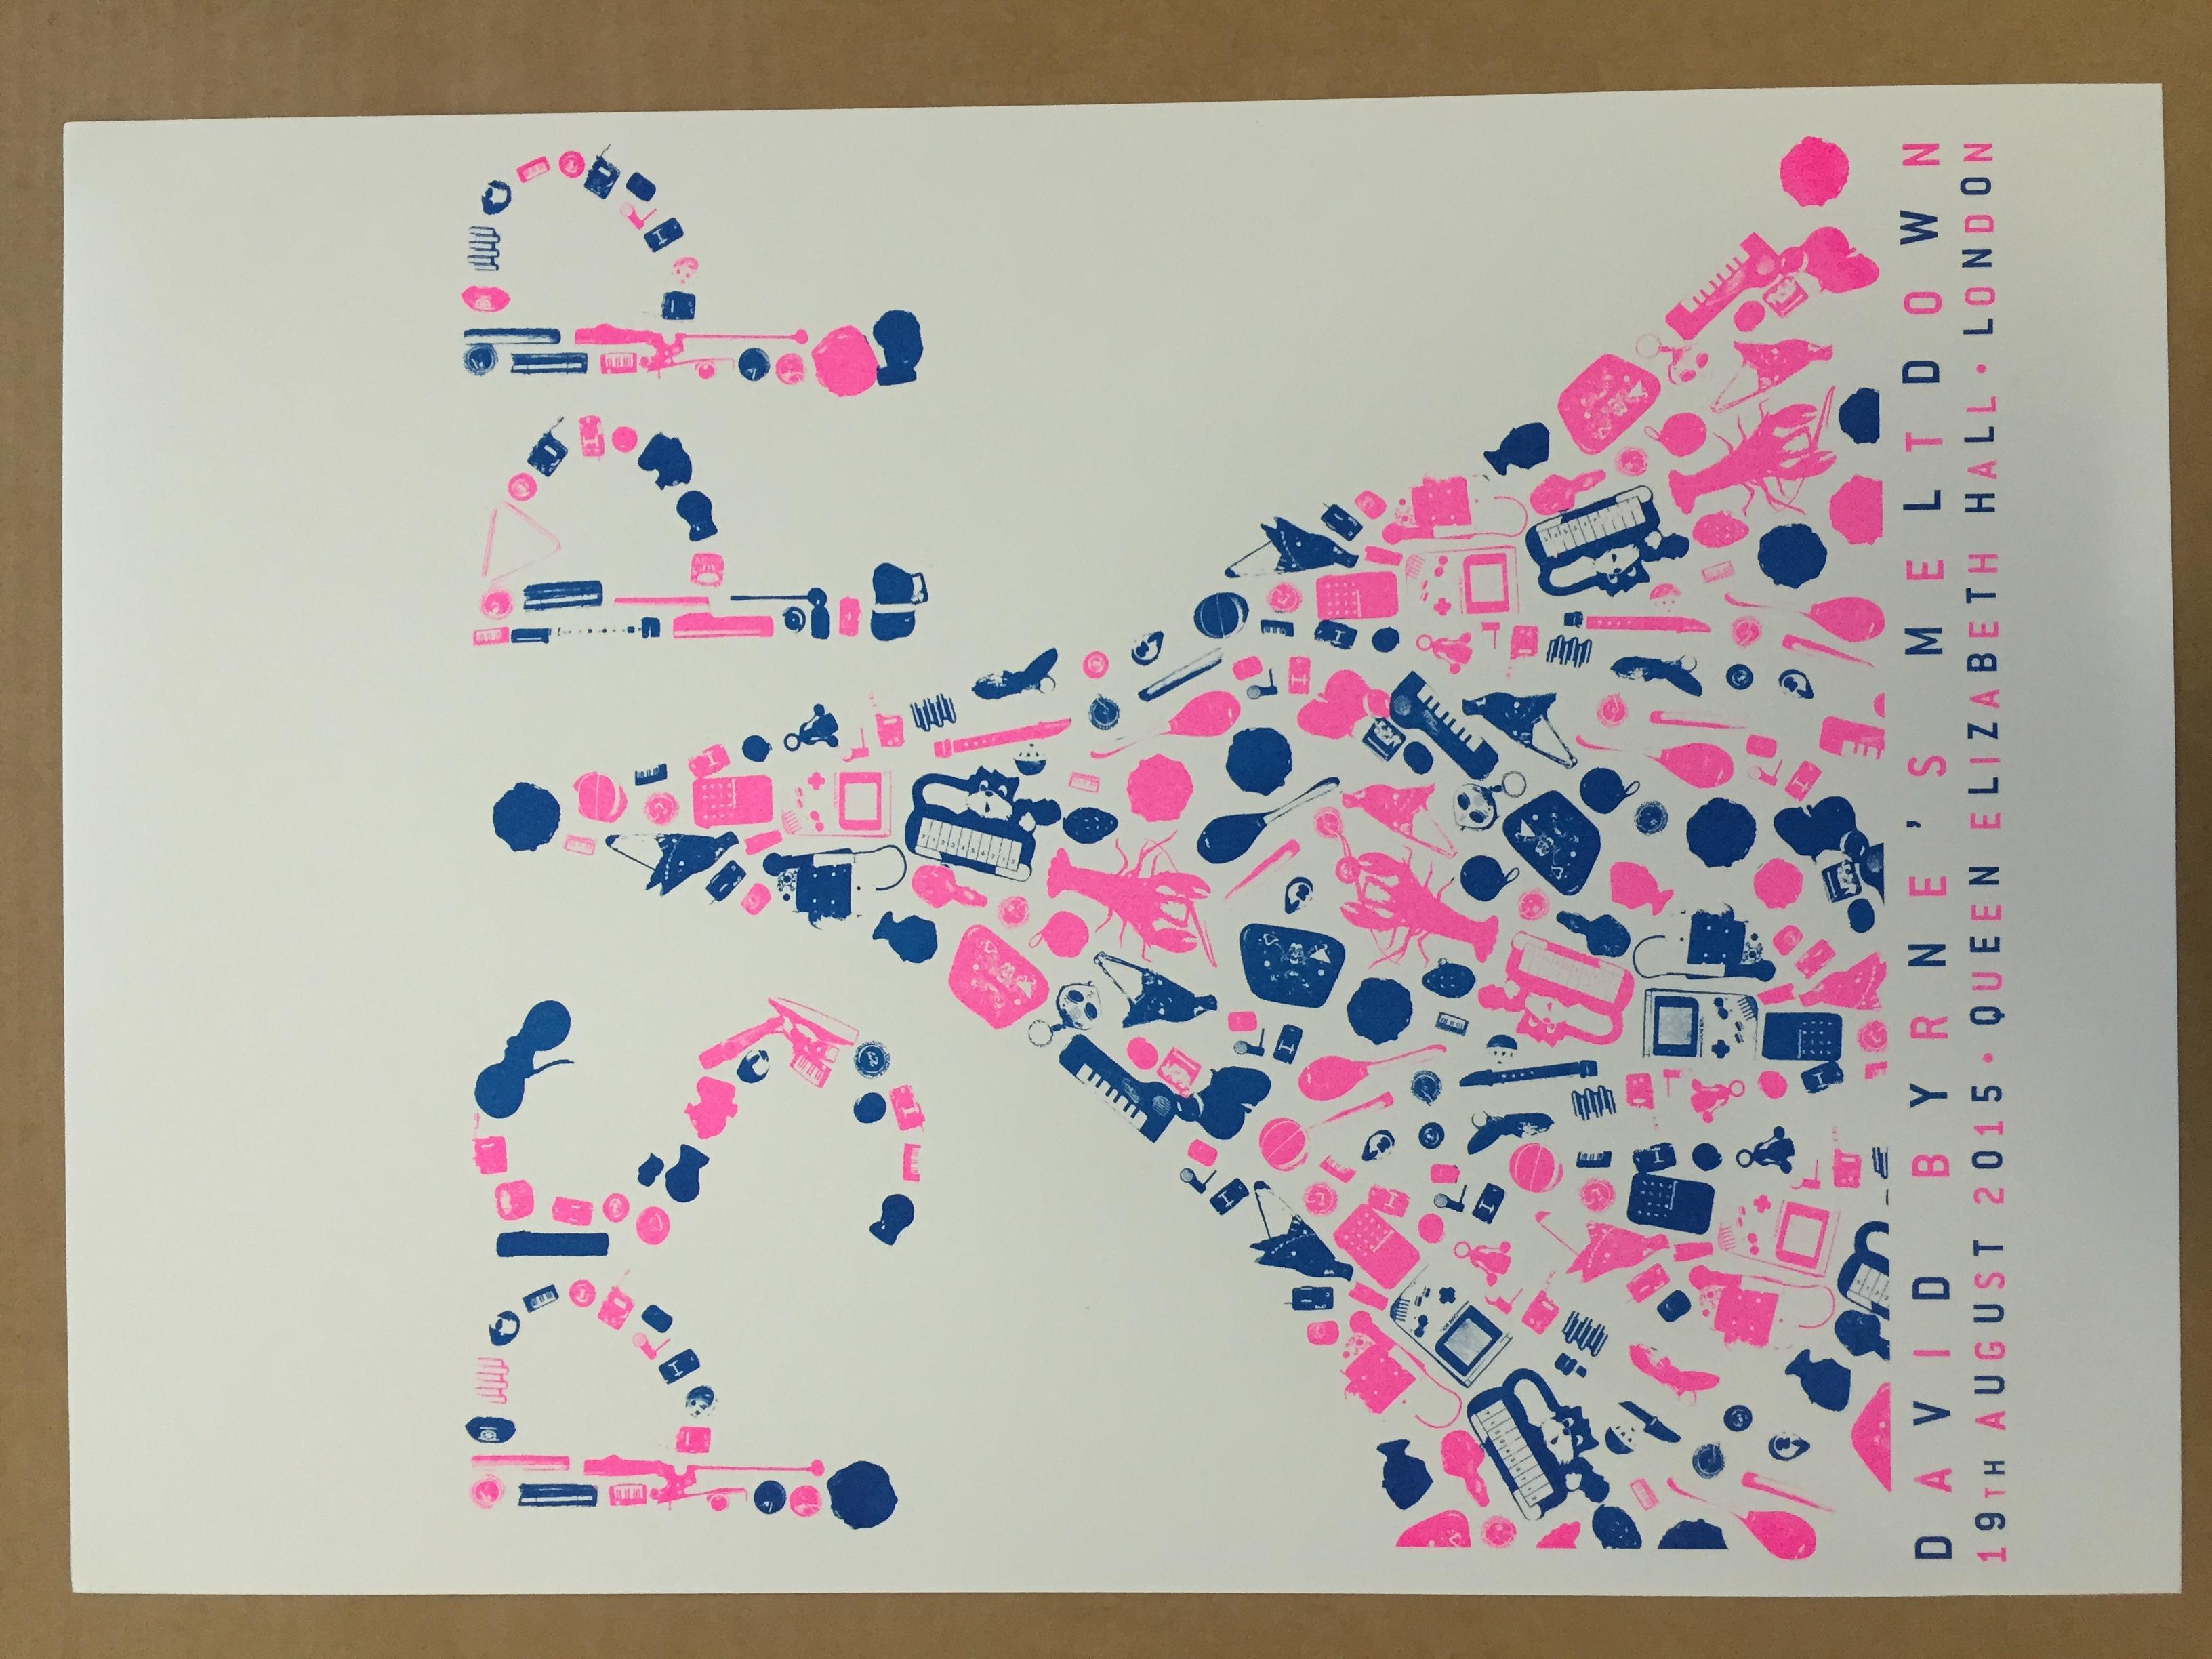 David Byrne's Meltdown Poster